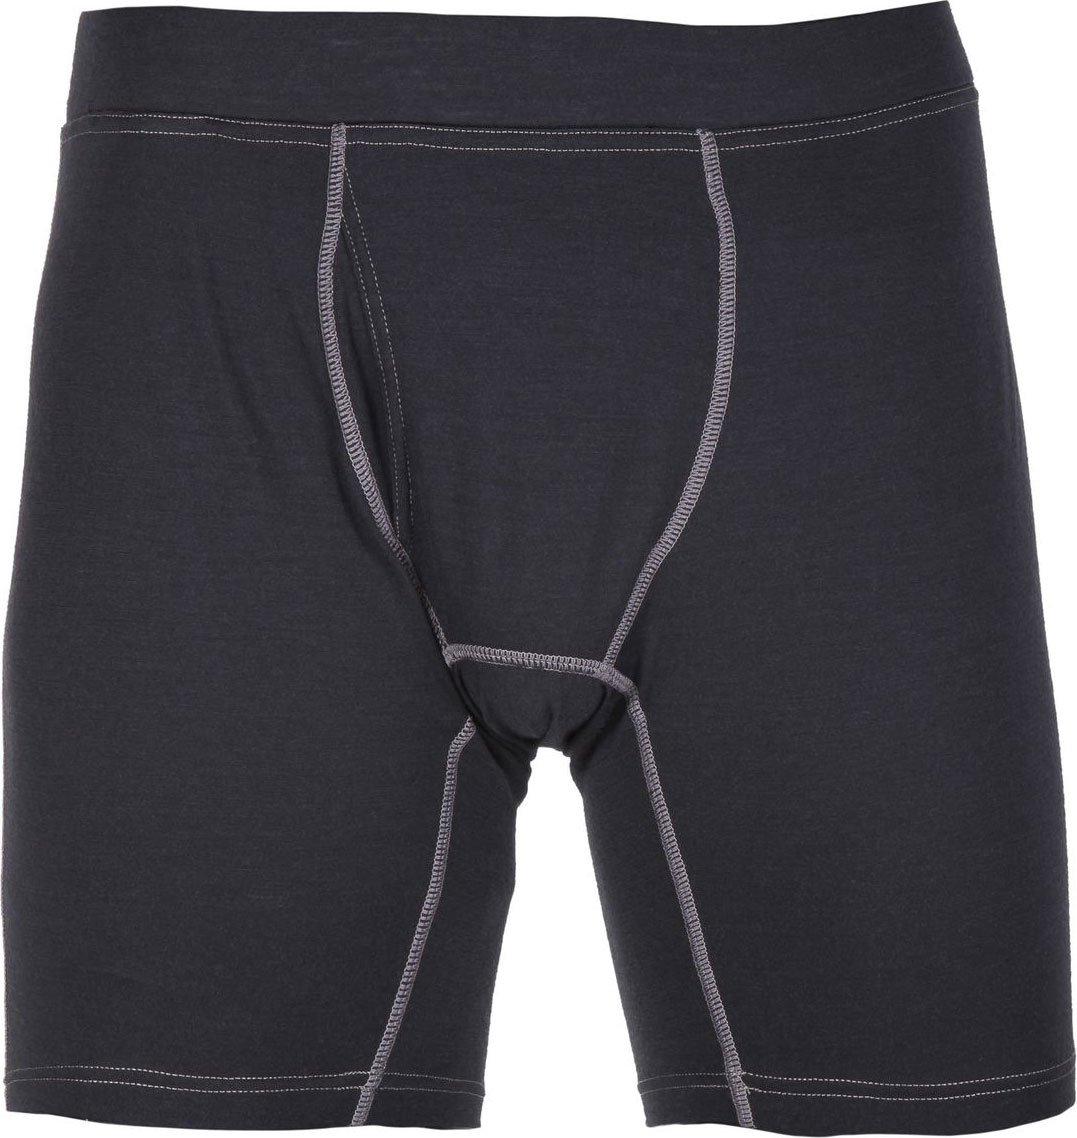 KLIM Teton Merino Wool Boxers LG Black